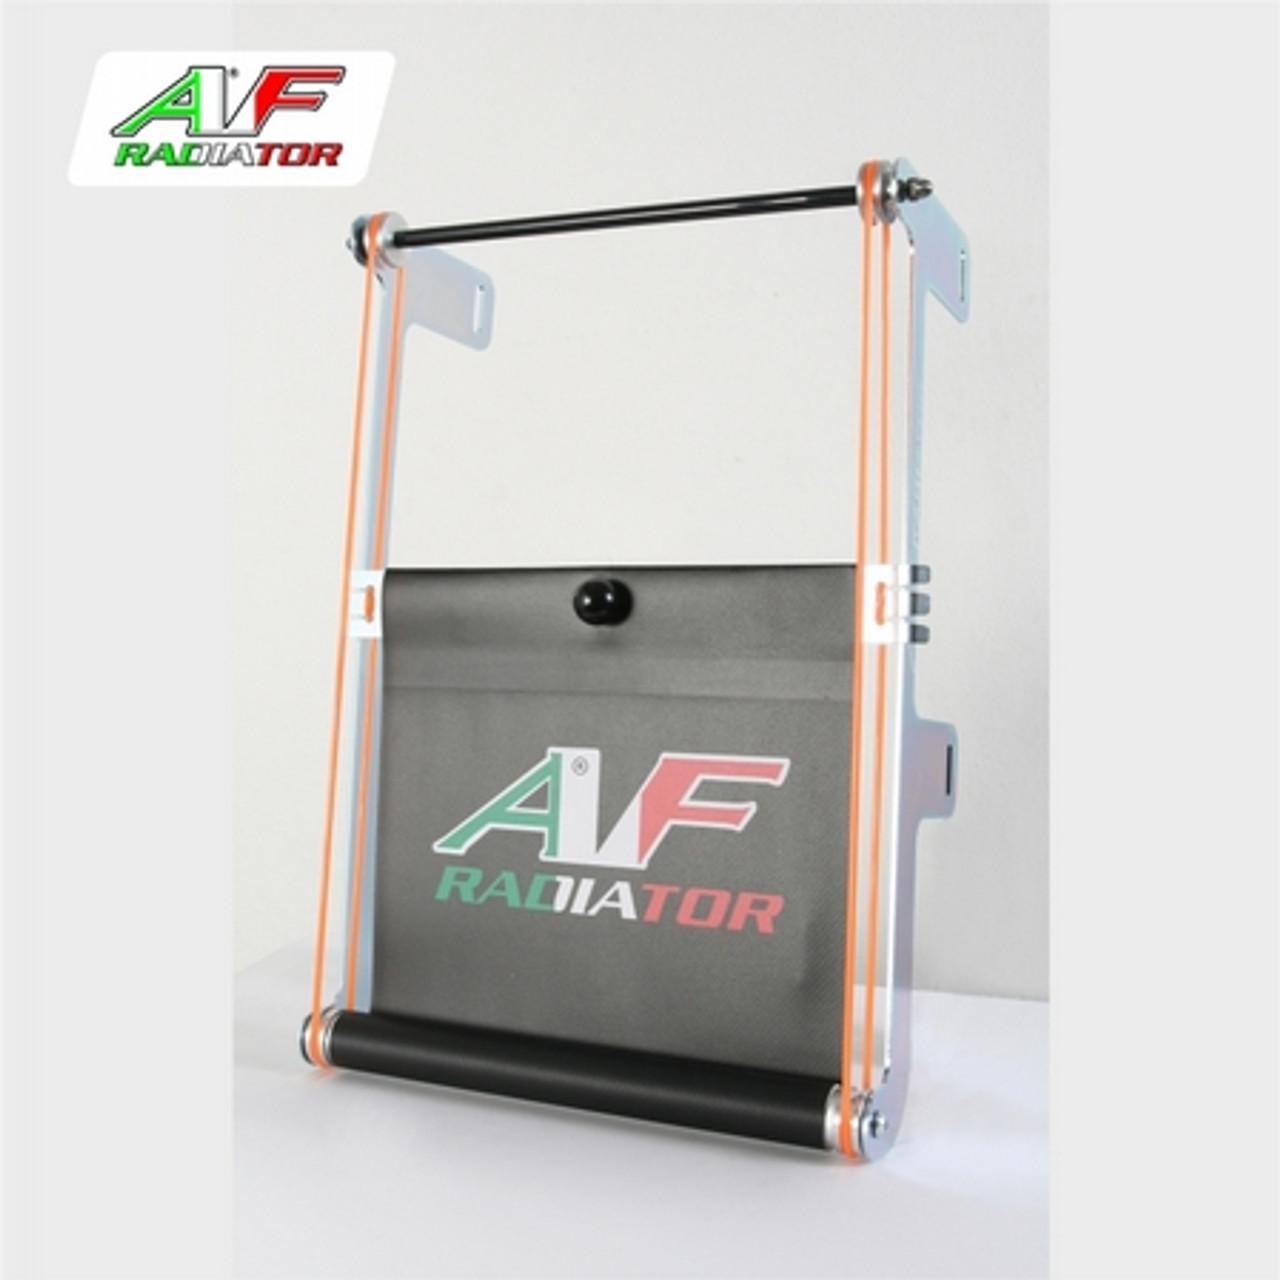 AF Radiator Curtain for AF15 Radiator